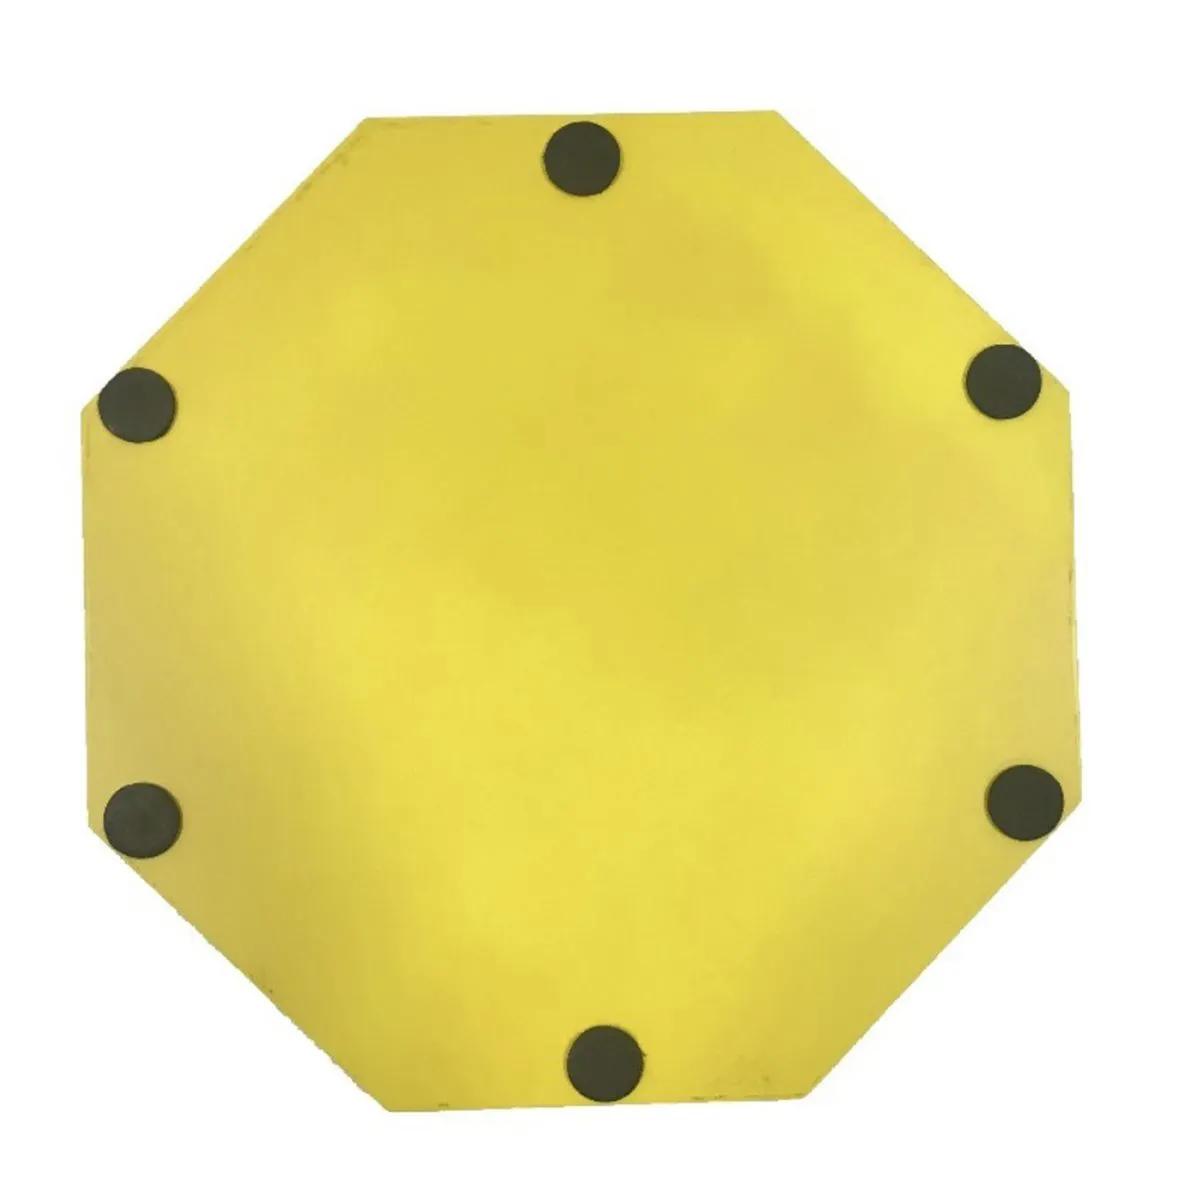 Pad de Estudo Spanking Profire E.V.A 270 Amarelo e Preto